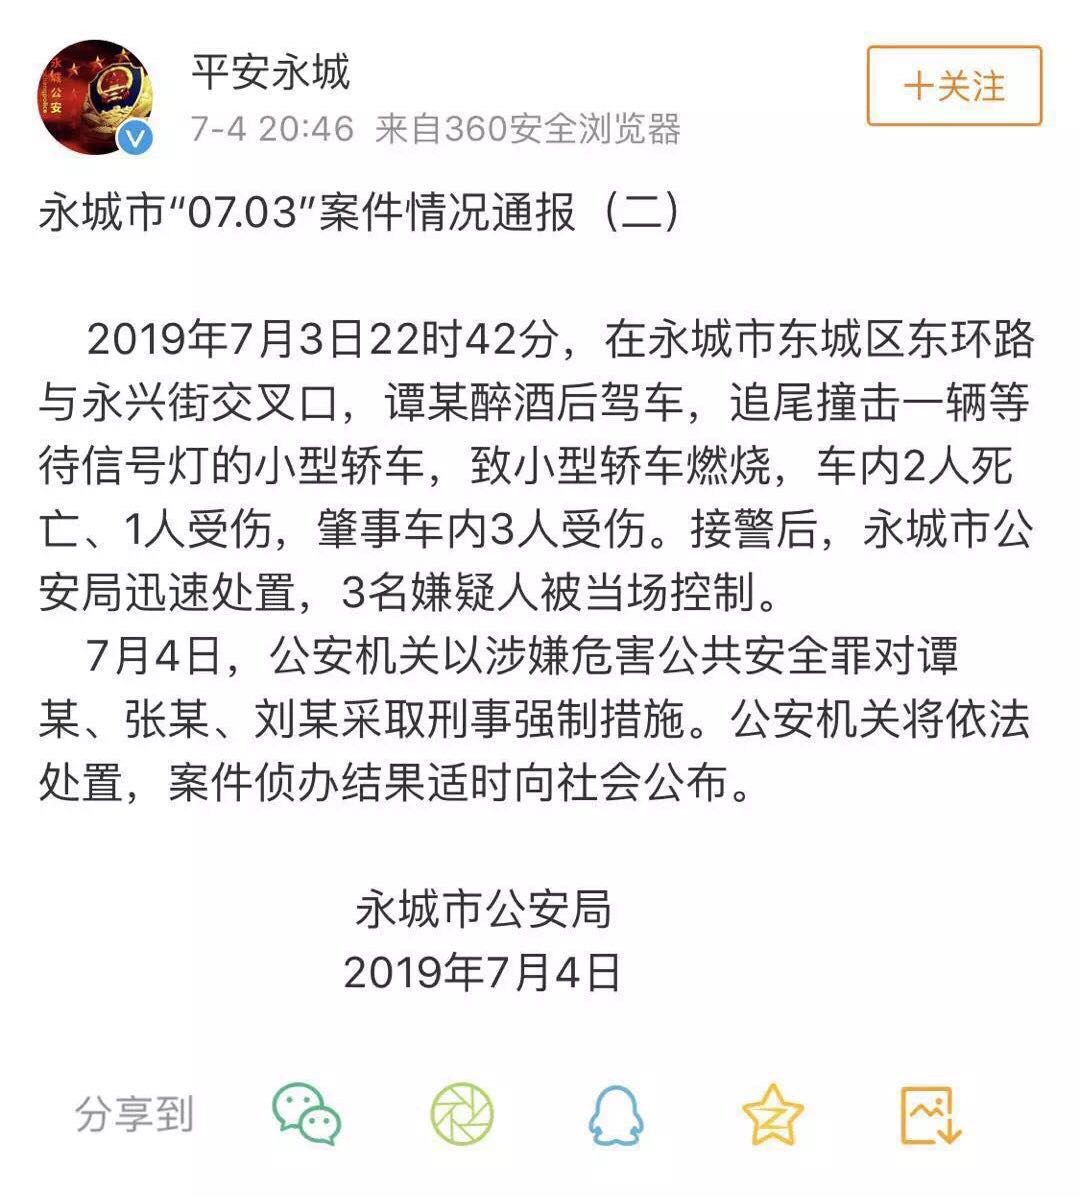 河南酒驾女致2死4伤,律师:有可能判死刑